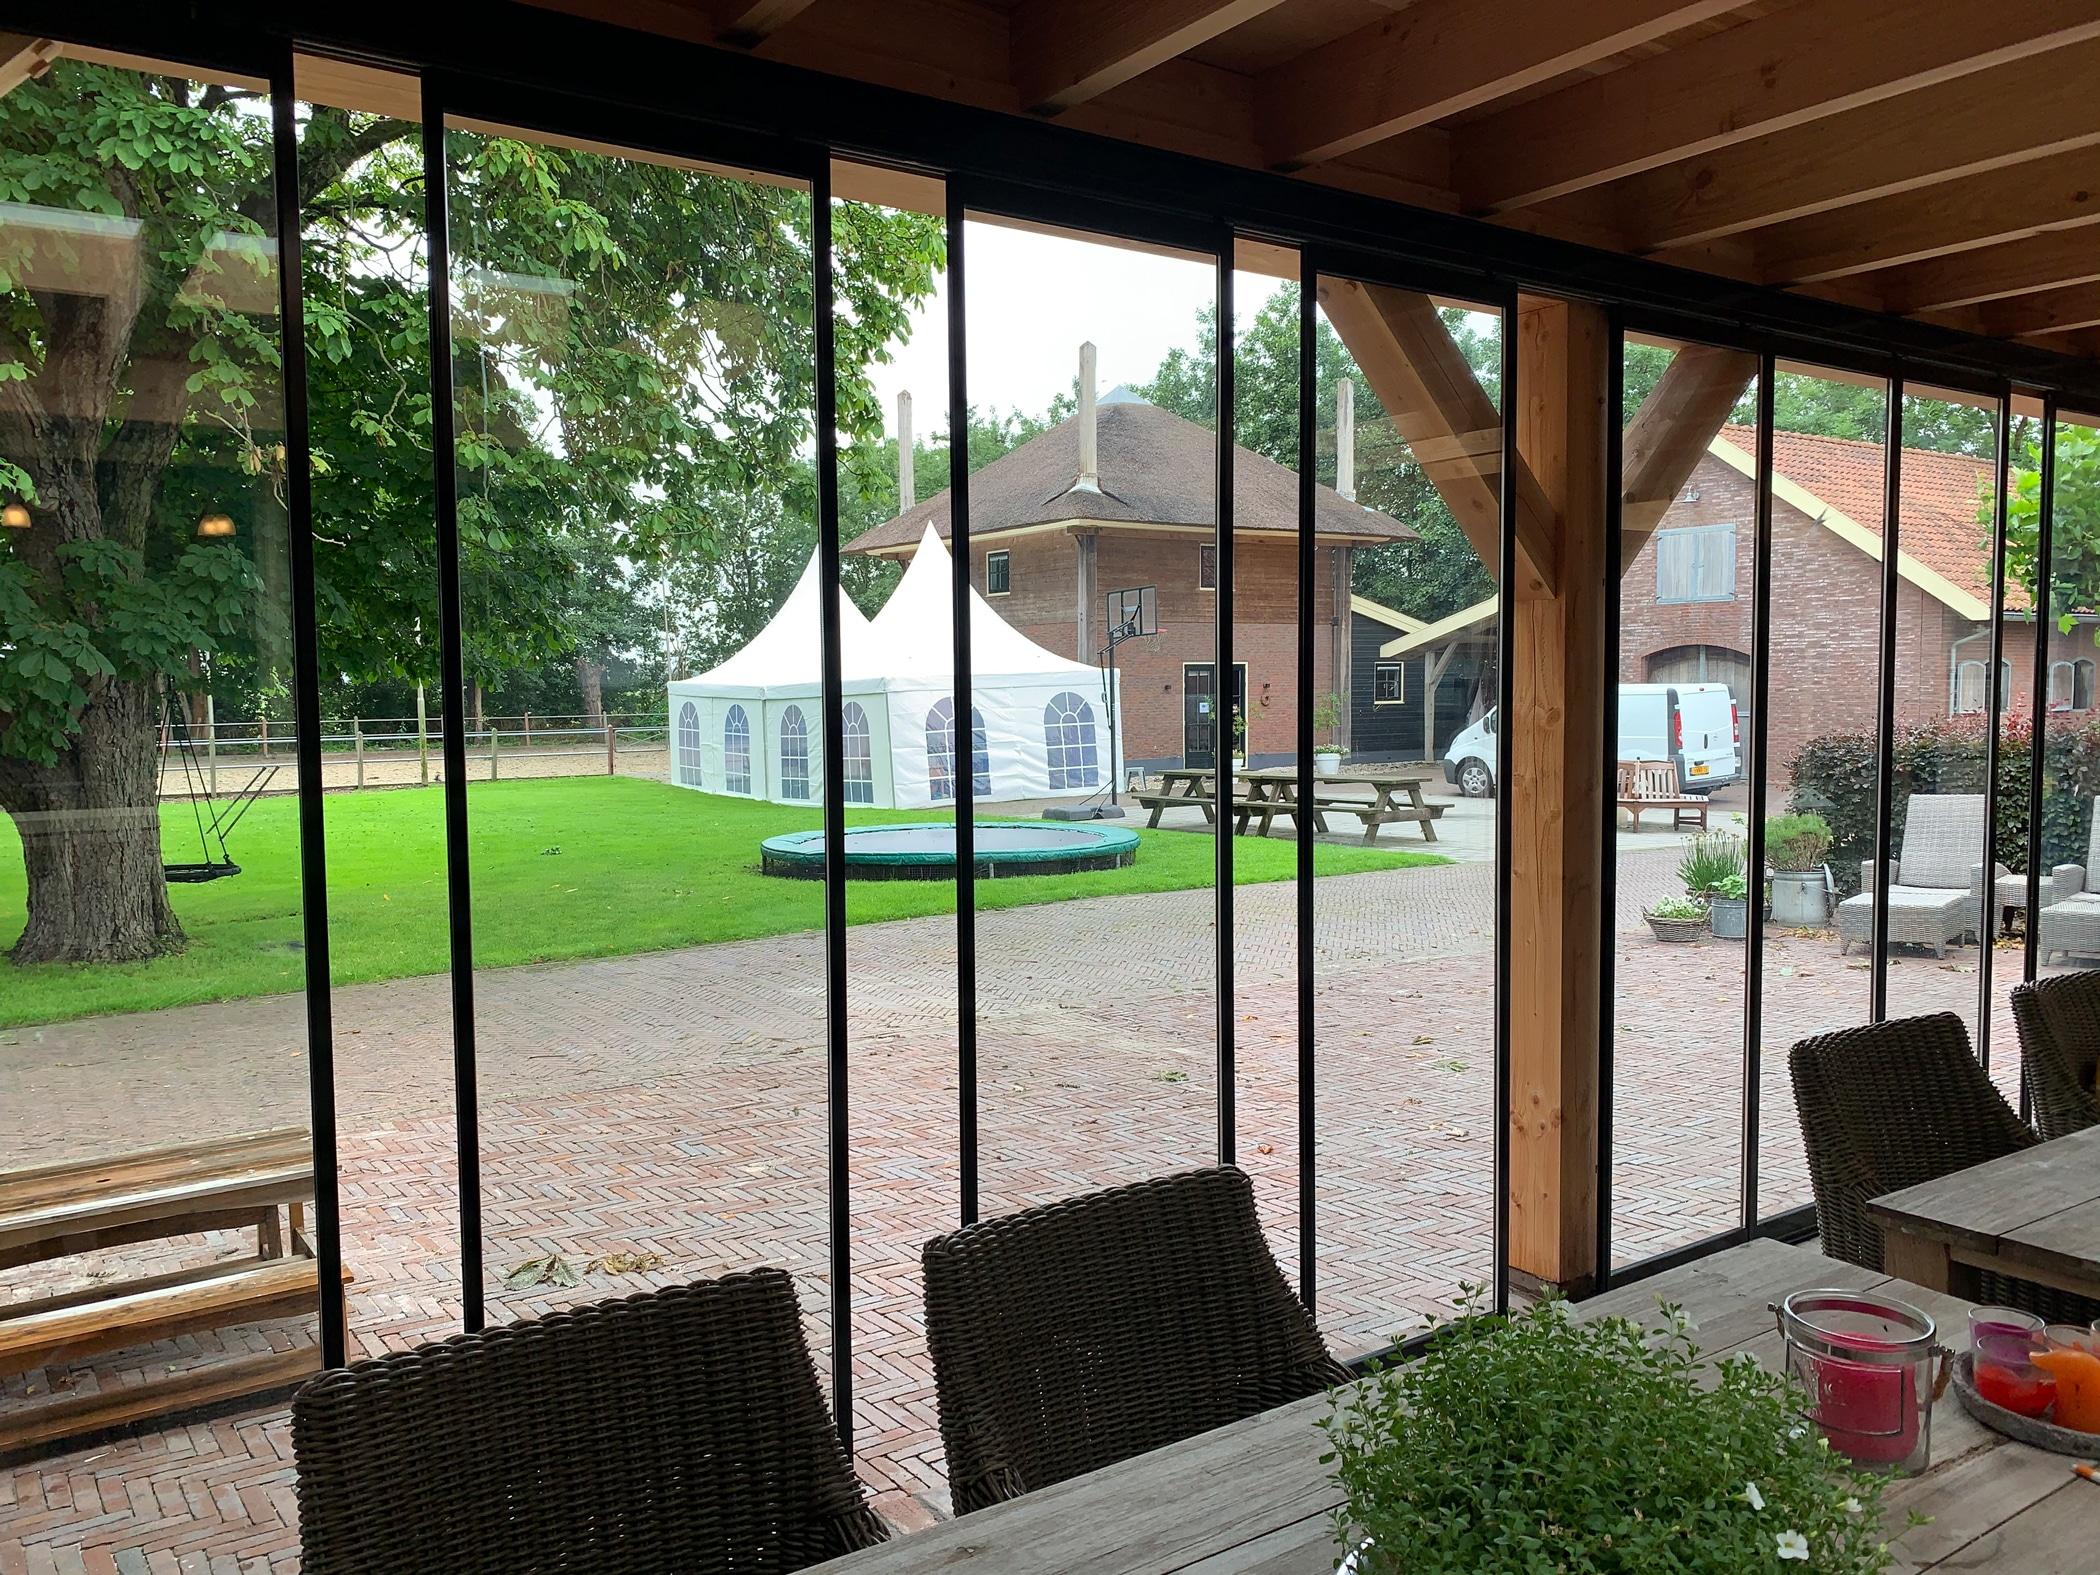 Schiebe Dreh Wände - Optimaler Schutz an regnerischen Tagen